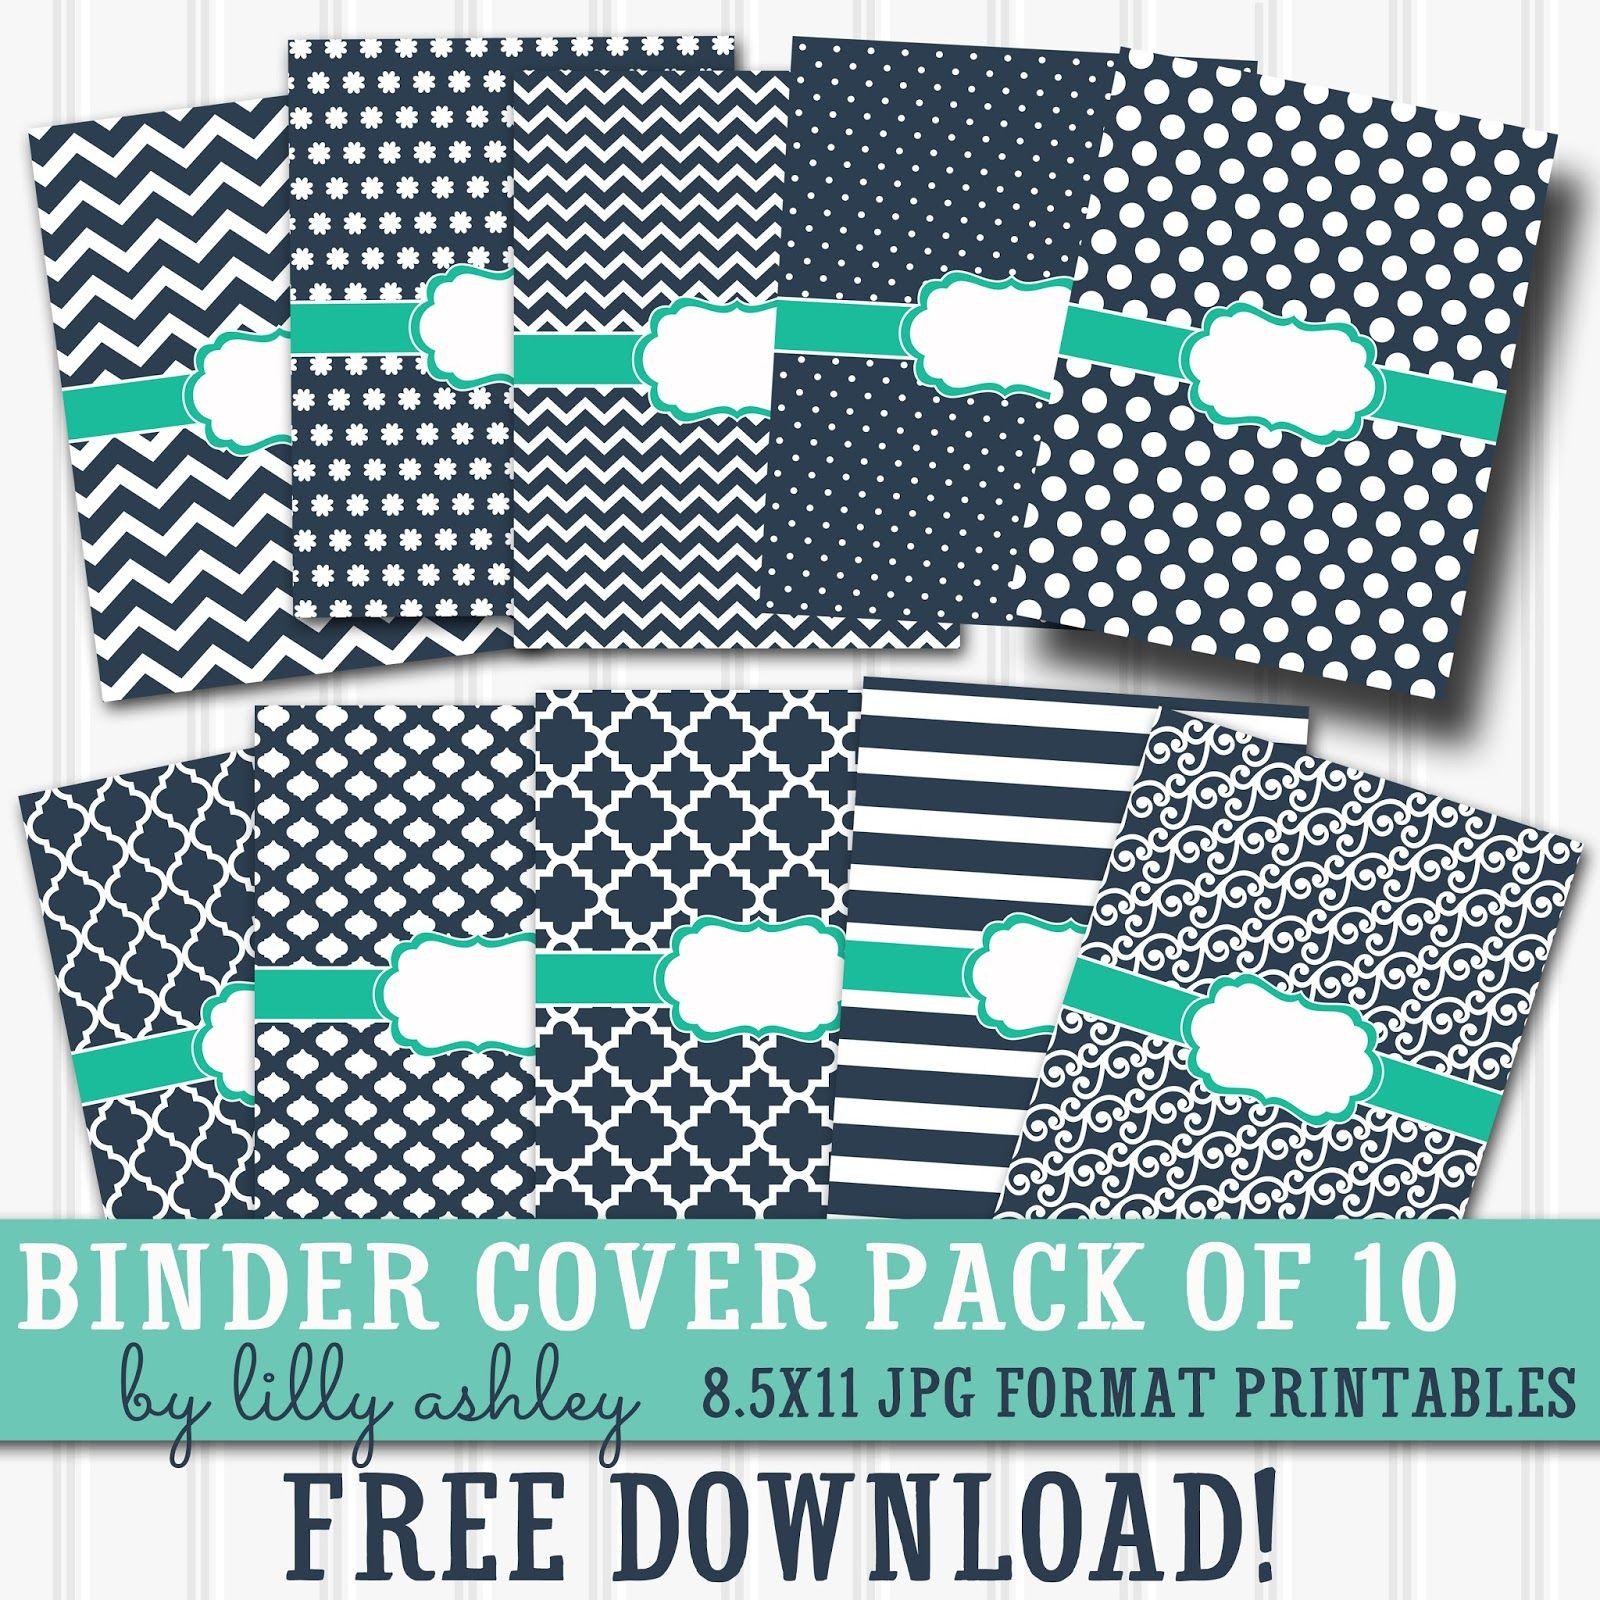 Free Printable Binder Covers Pack Of 10